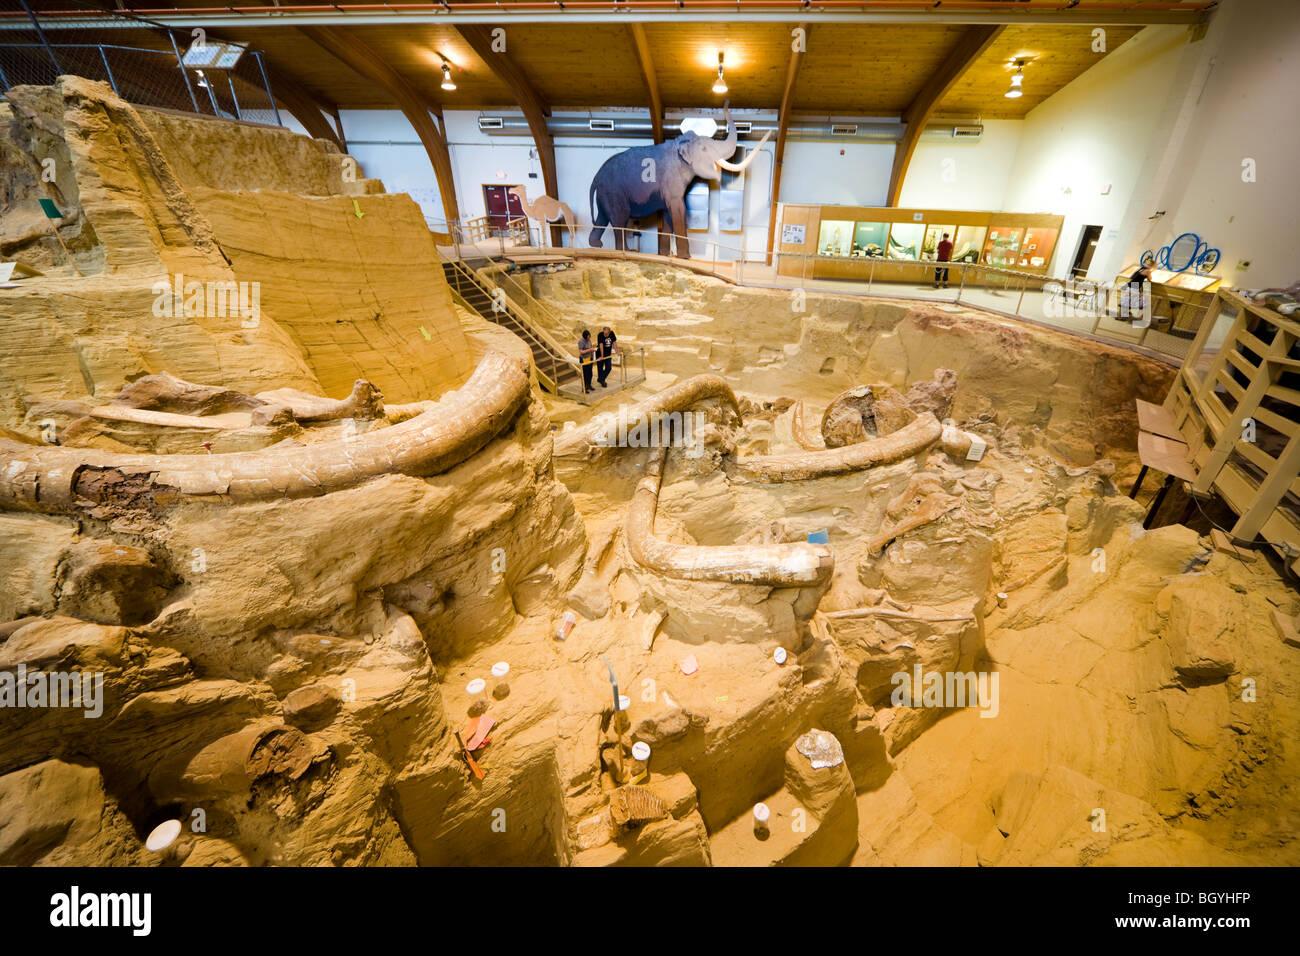 Le Mammouth Musée de site, Hot Springs et. Les visiteurs qui cherchent dans le bonebed avec os de mammouth Photo Stock